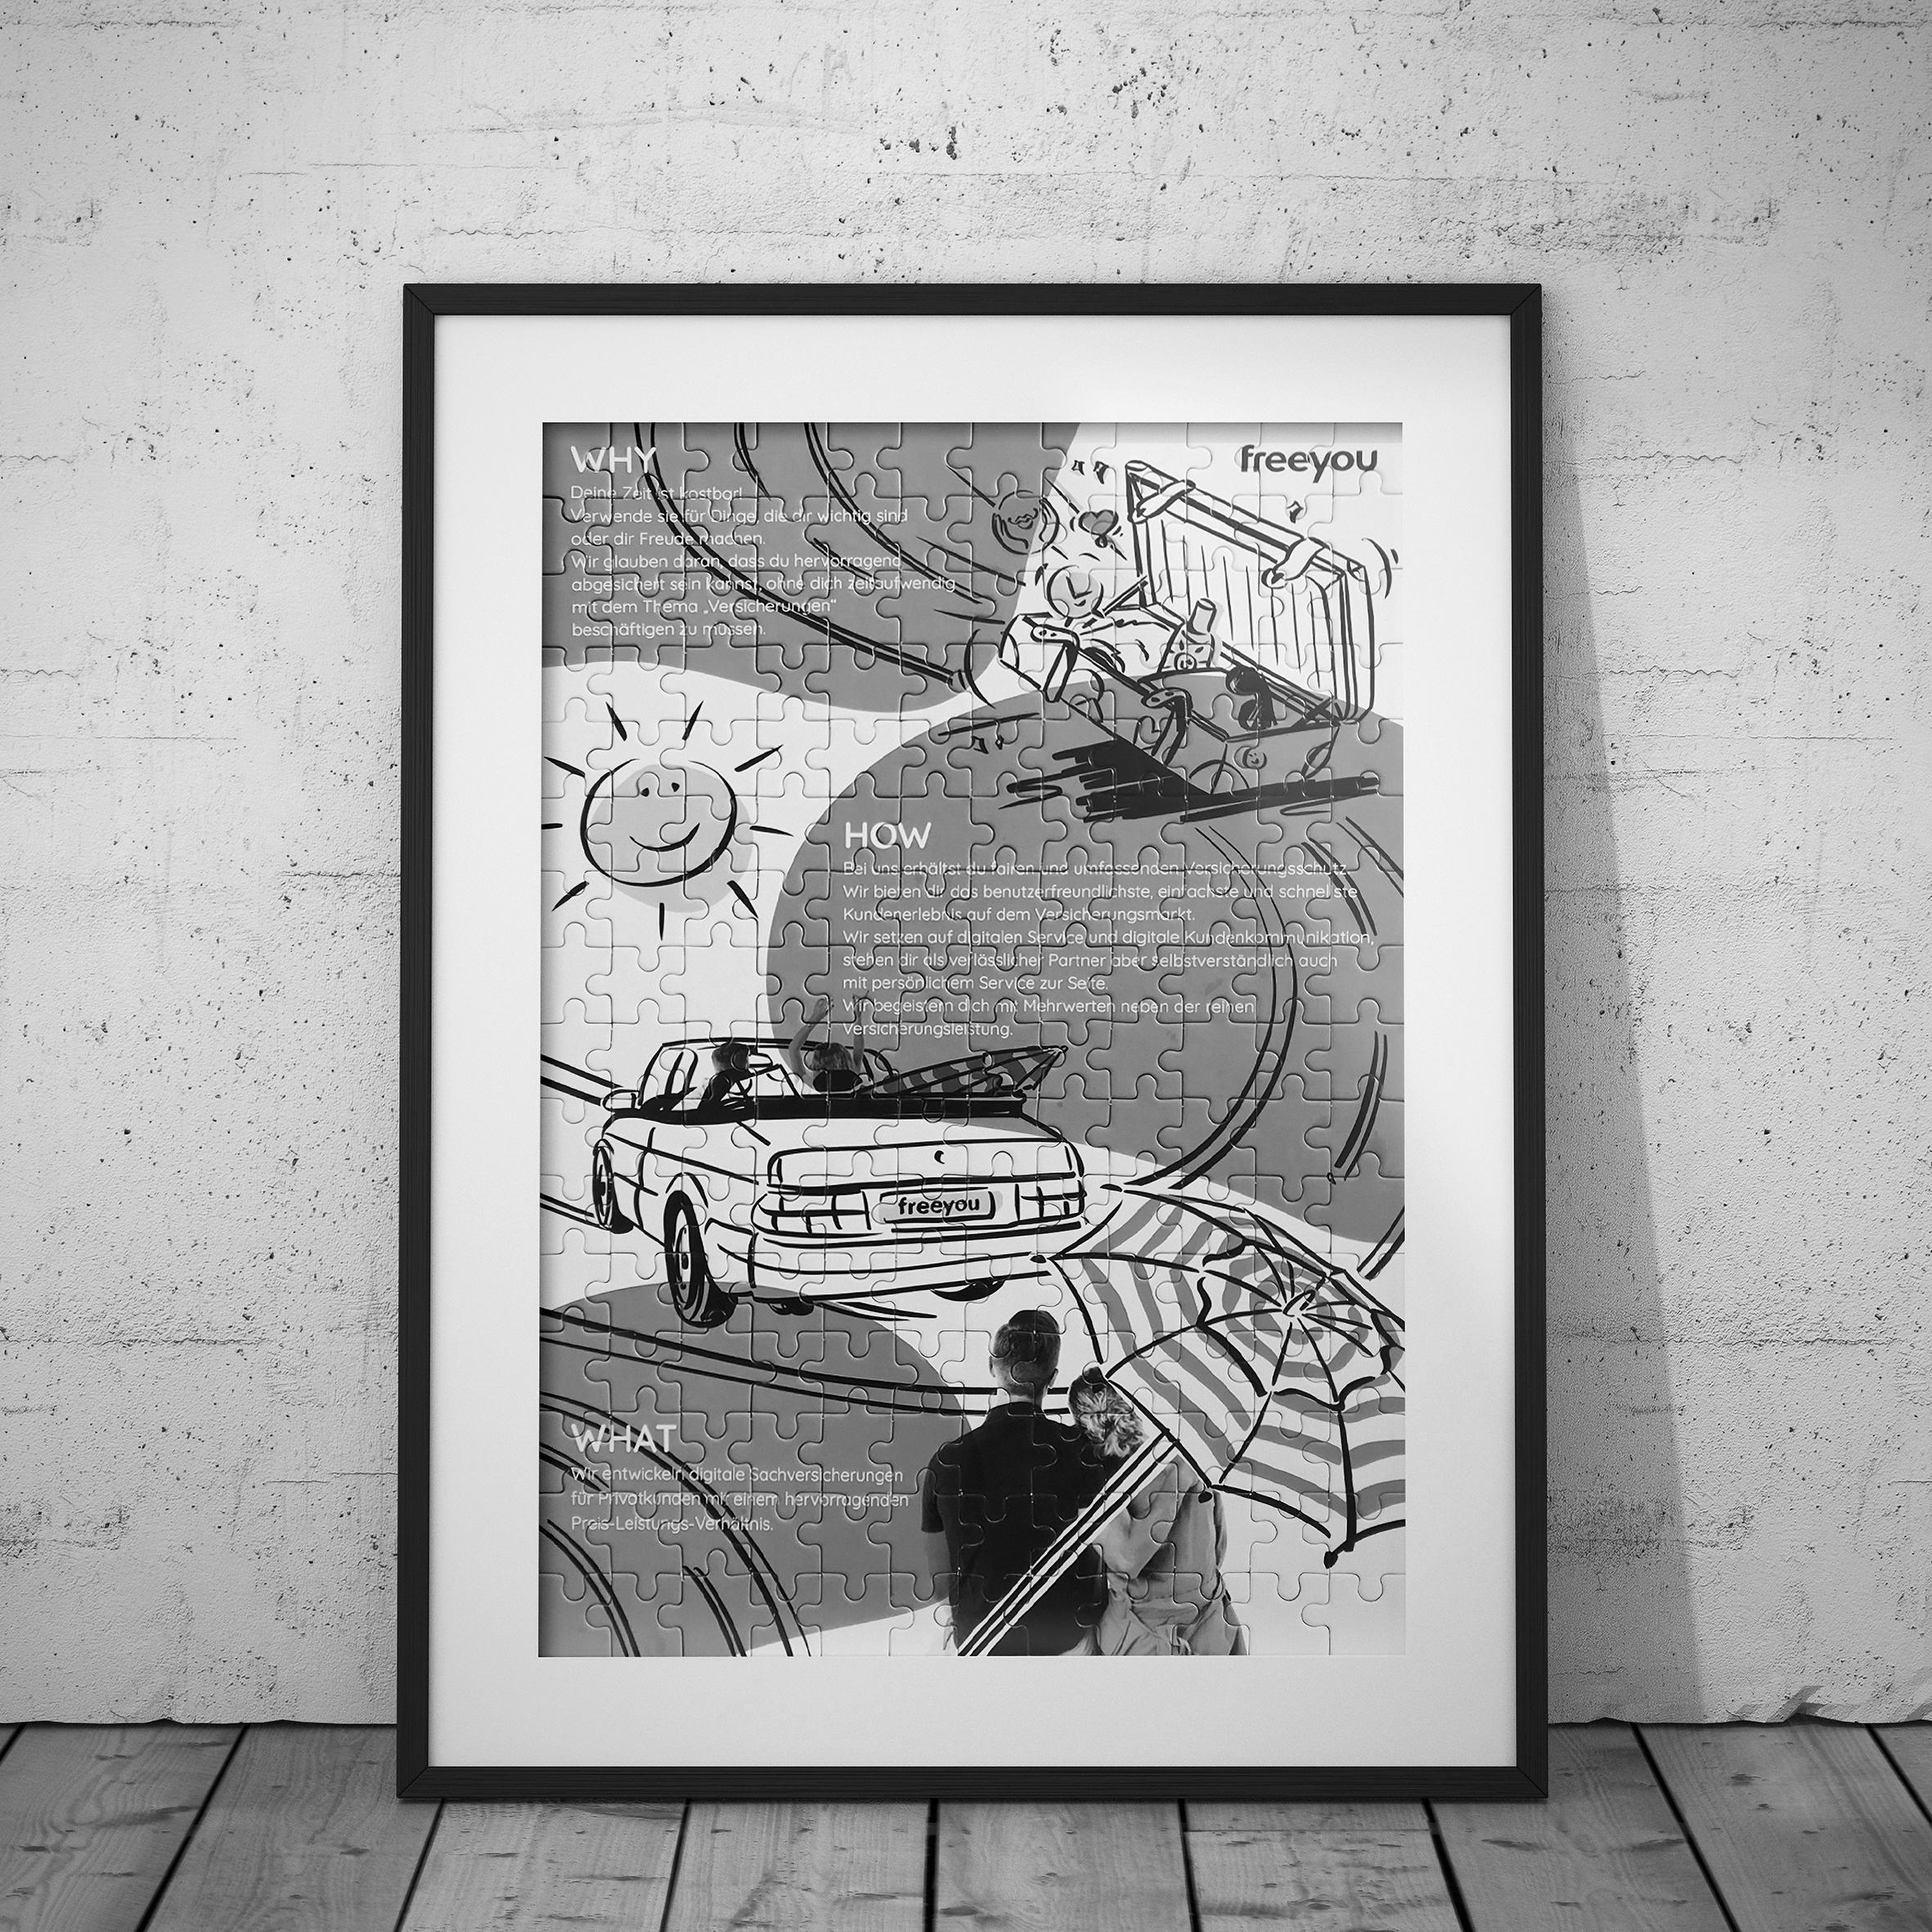 MEAU DESIGN - Illustration und Grafikdesign - Vorschaubild Portfolio, Referenzen, Freeyou Autoversicherung und Fahrradversicherung, Unternehmenspuzzle, Puzzle Design